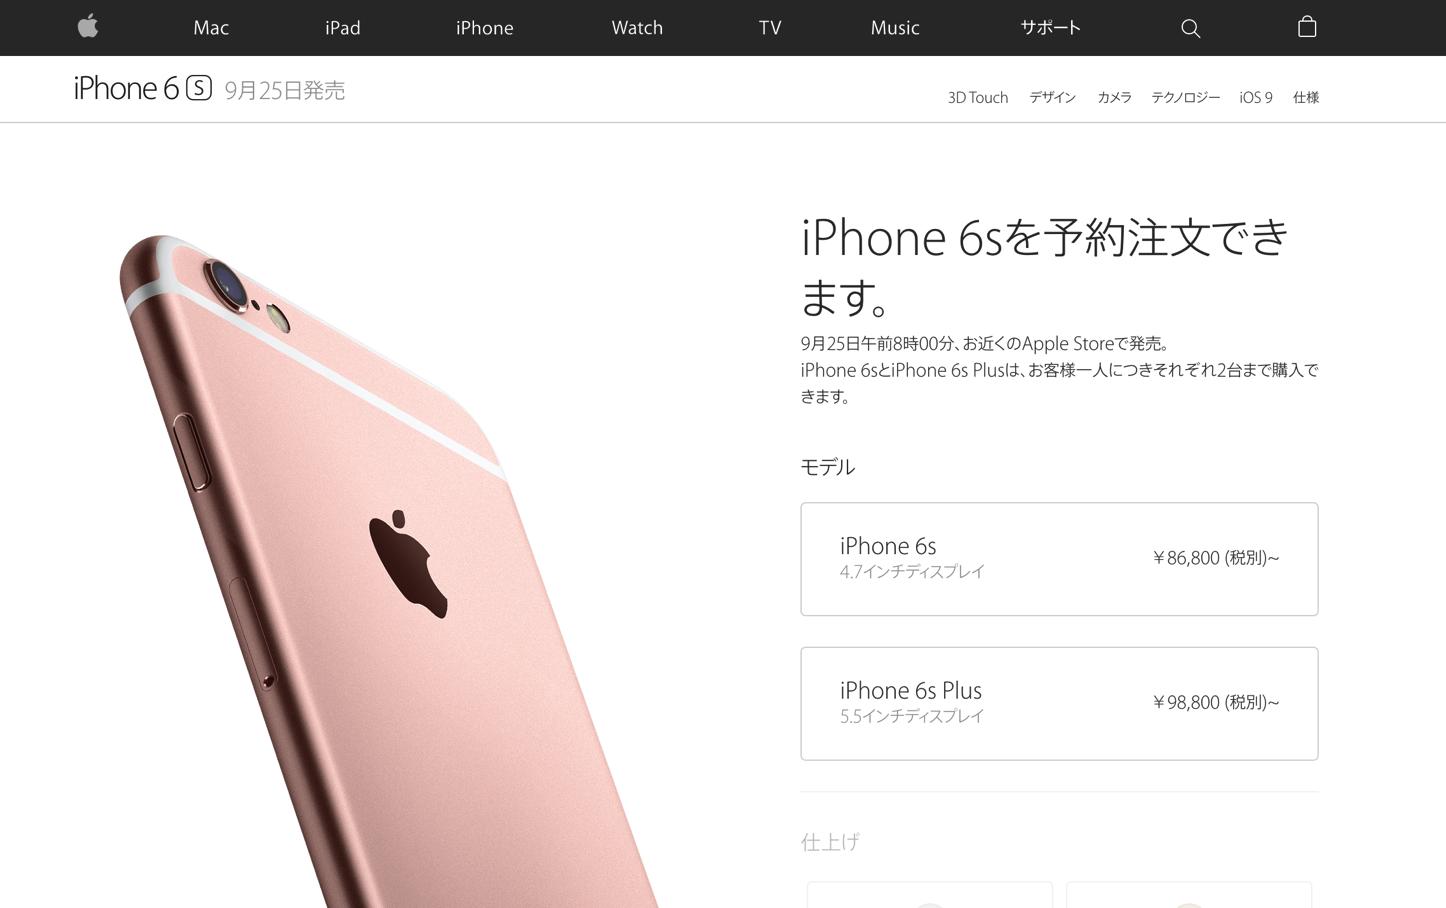 iPhone 6s/6s Plus、店頭販売を実施へ